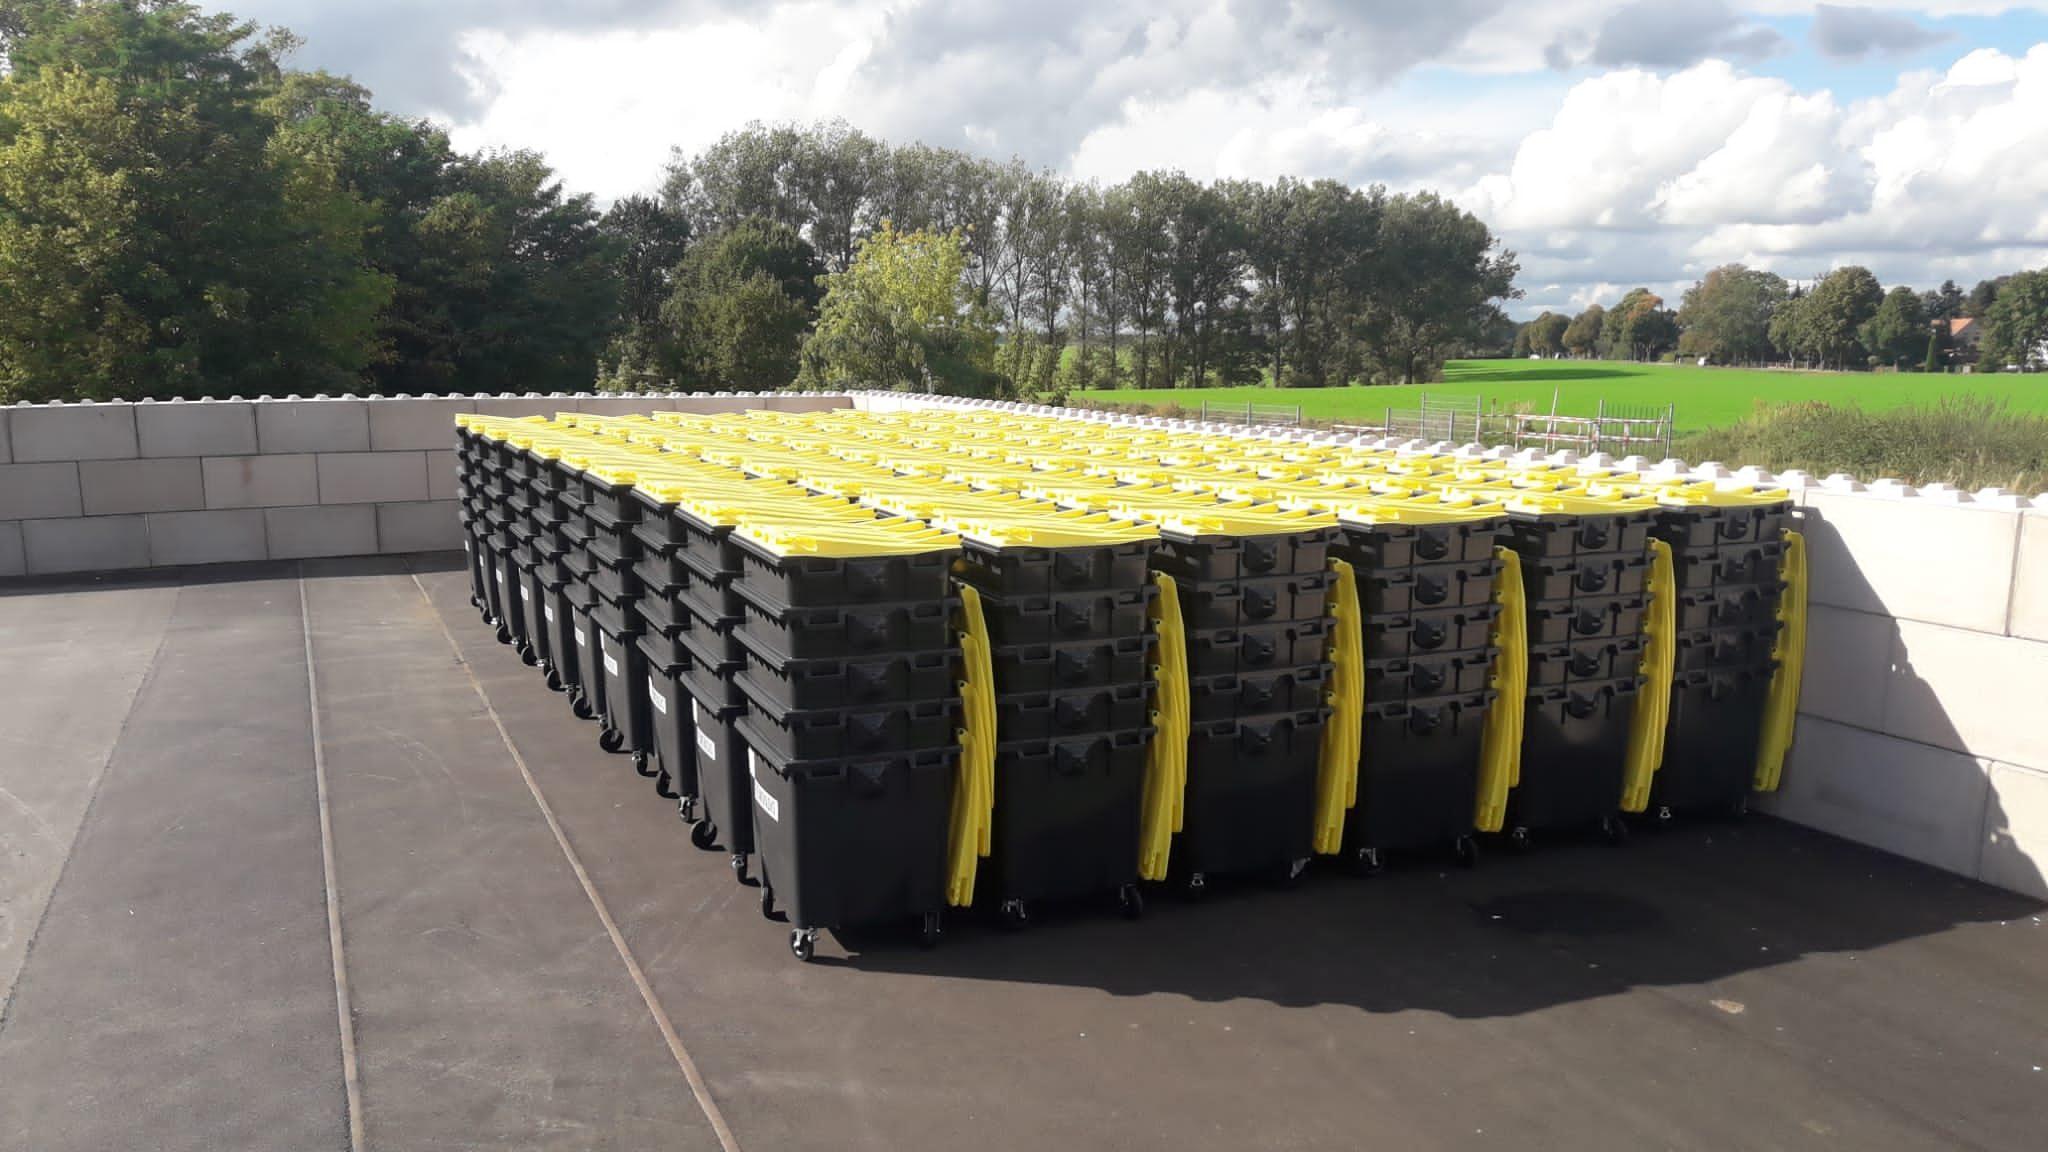 viele gestapelte gelbe Tonnen